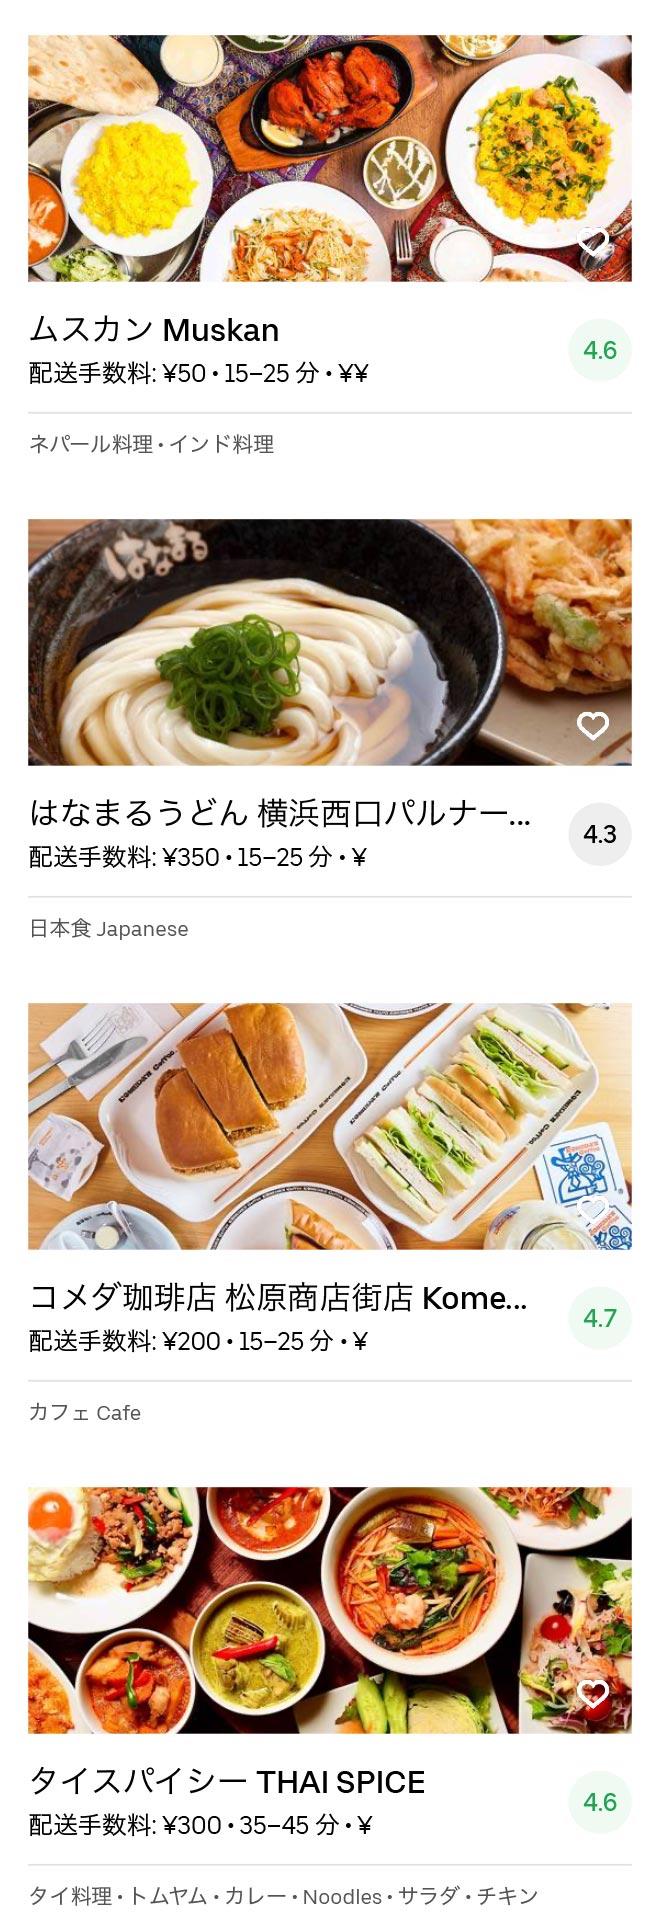 Yokohama hodogaya menu 2004 11